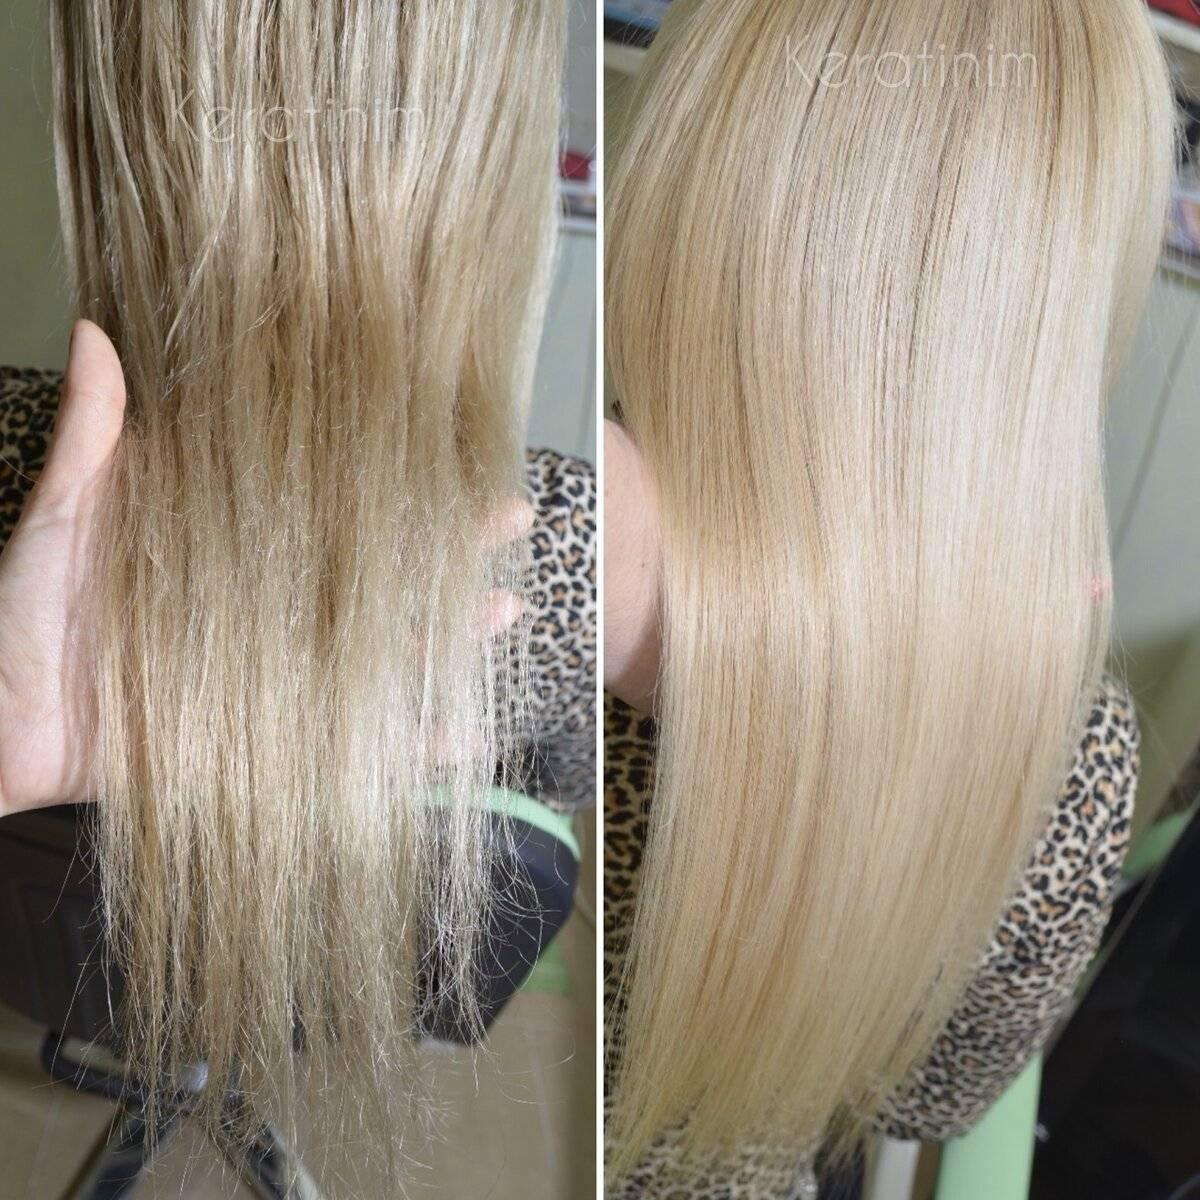 Виды повреждения волос, что делать для восстановления сильно поврежденных локонов в домашних условиях (с фото)   женский журнал читать онлайн: стильные стрижки, новинки в мире моды, советы по уходу